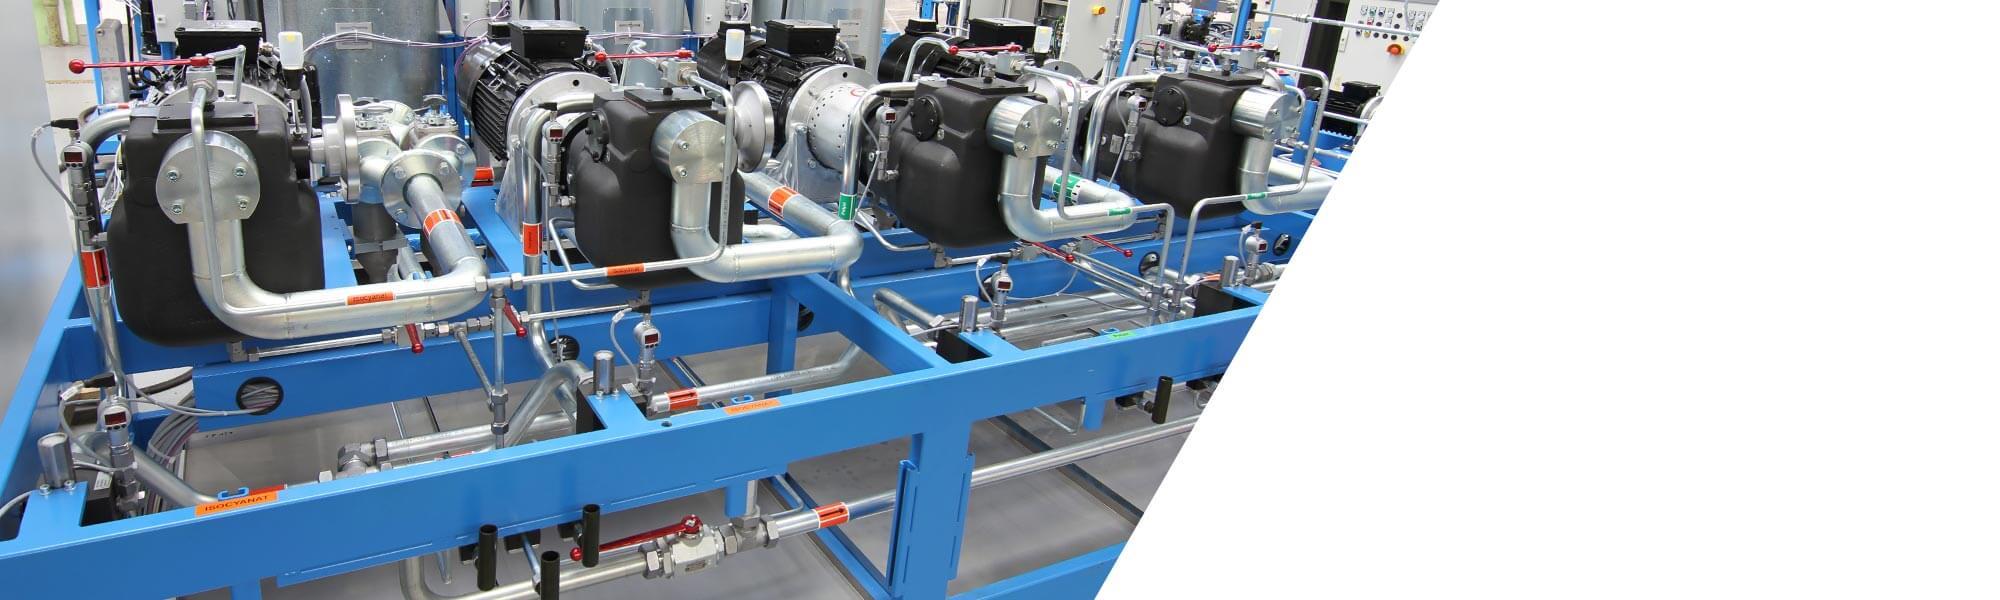 우수한 품질의 슬랩스탁 폼을 생산하기 위한 높은 토출량의 저압 메터링 머신